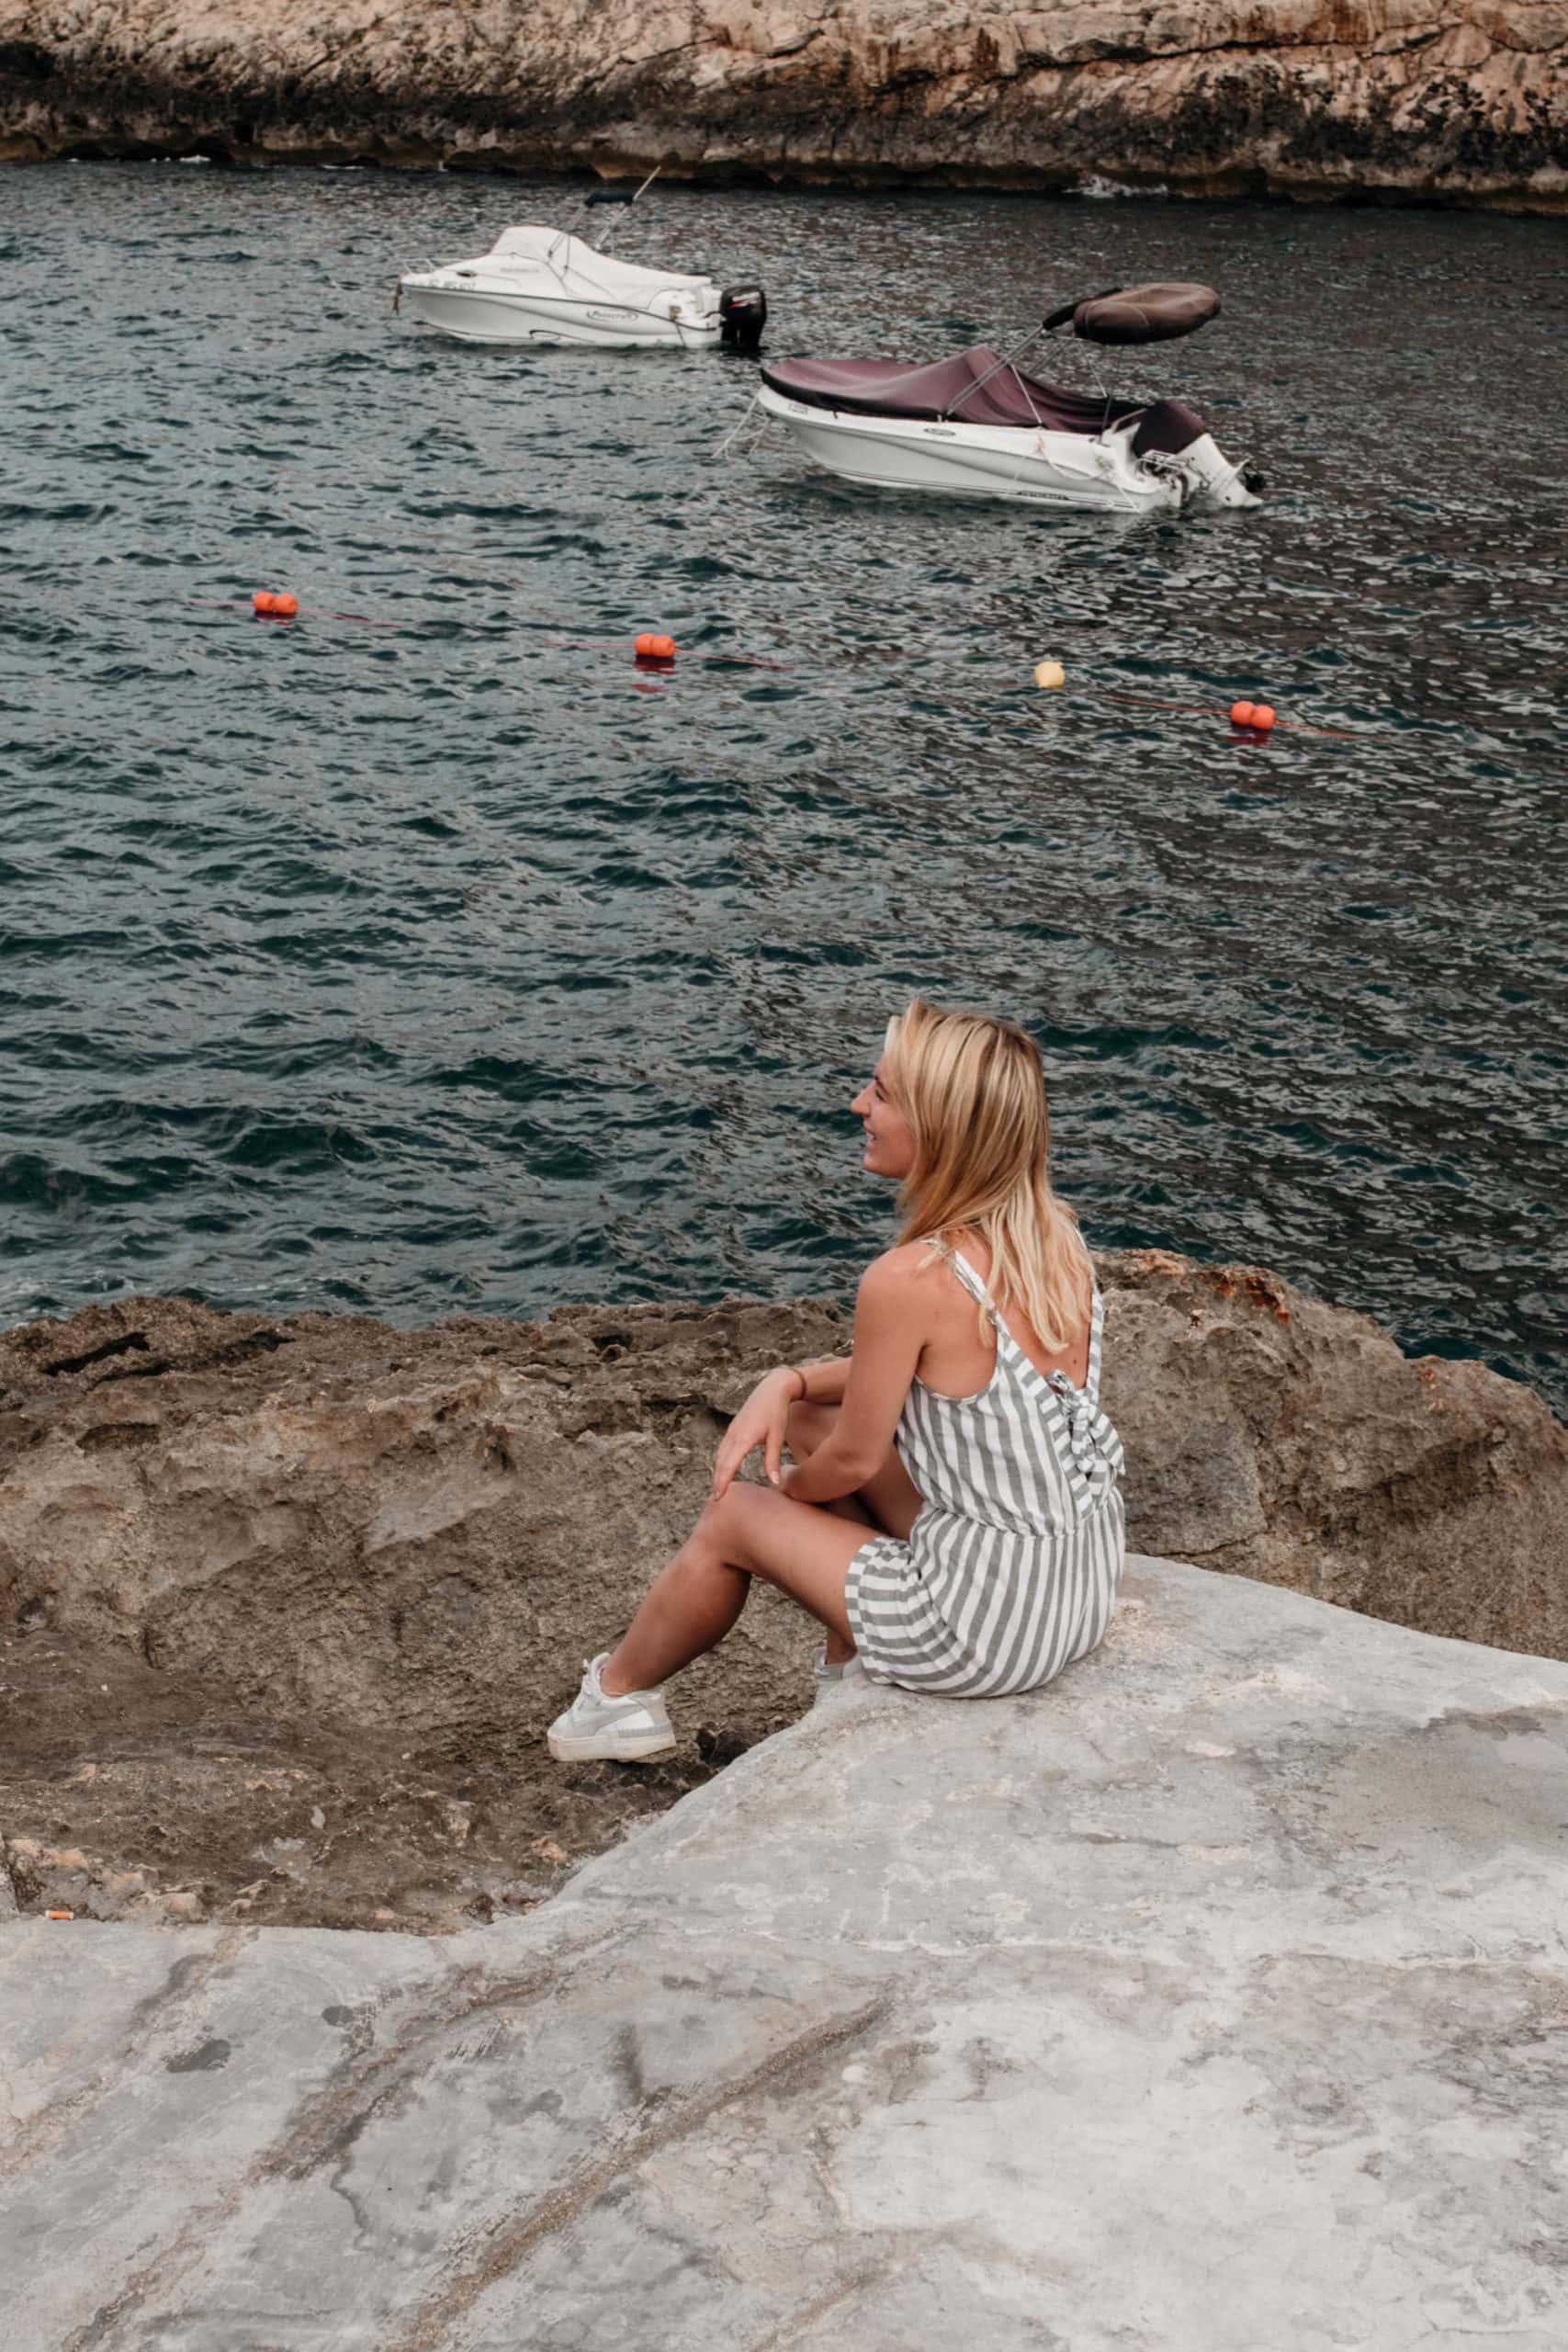 malta highlights bucht schwimmen